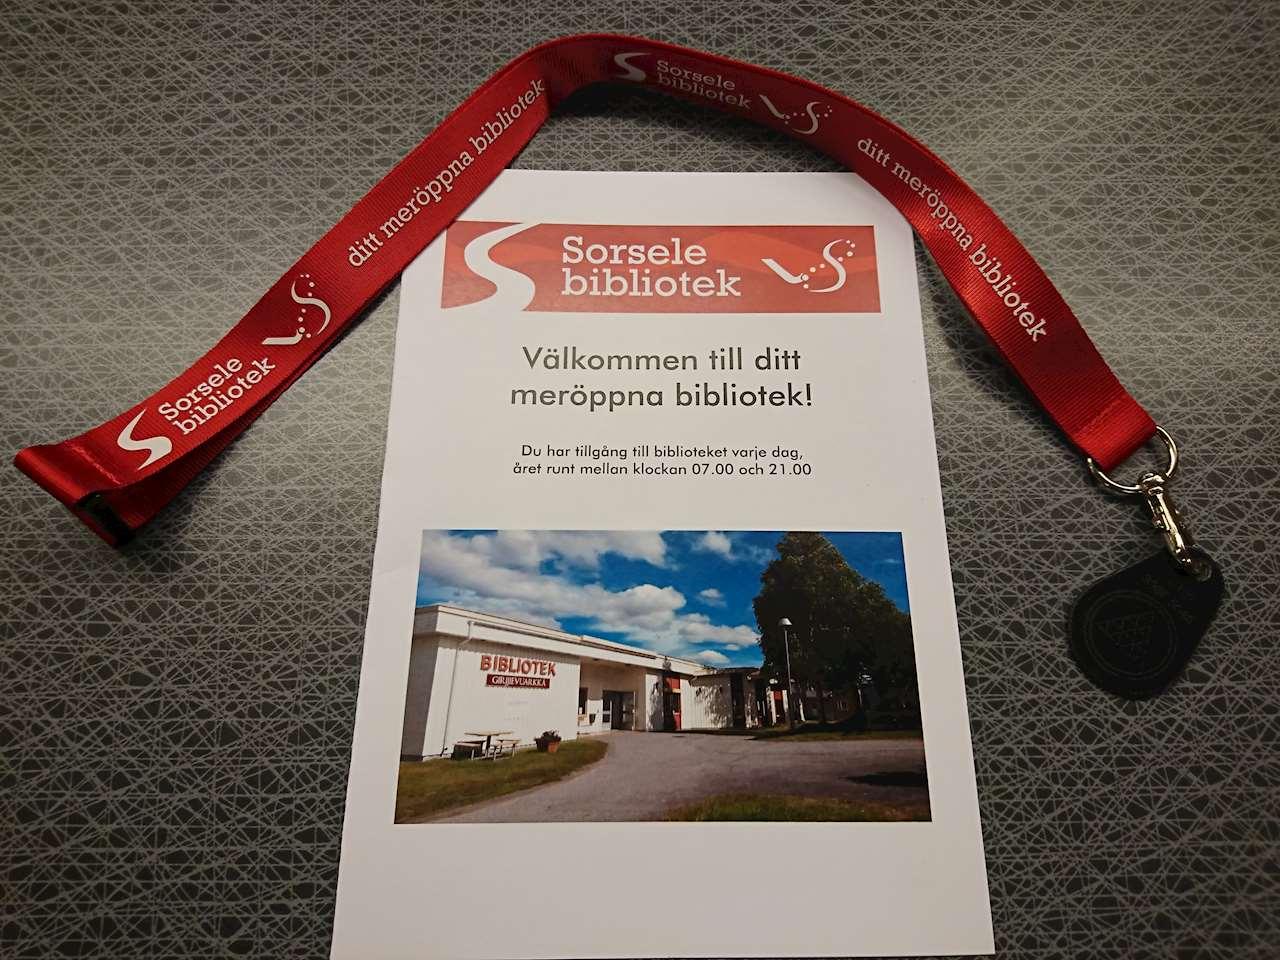 Foto på ett nyckelband och en broschyr med information om meröppet på Sorsele bibliotek